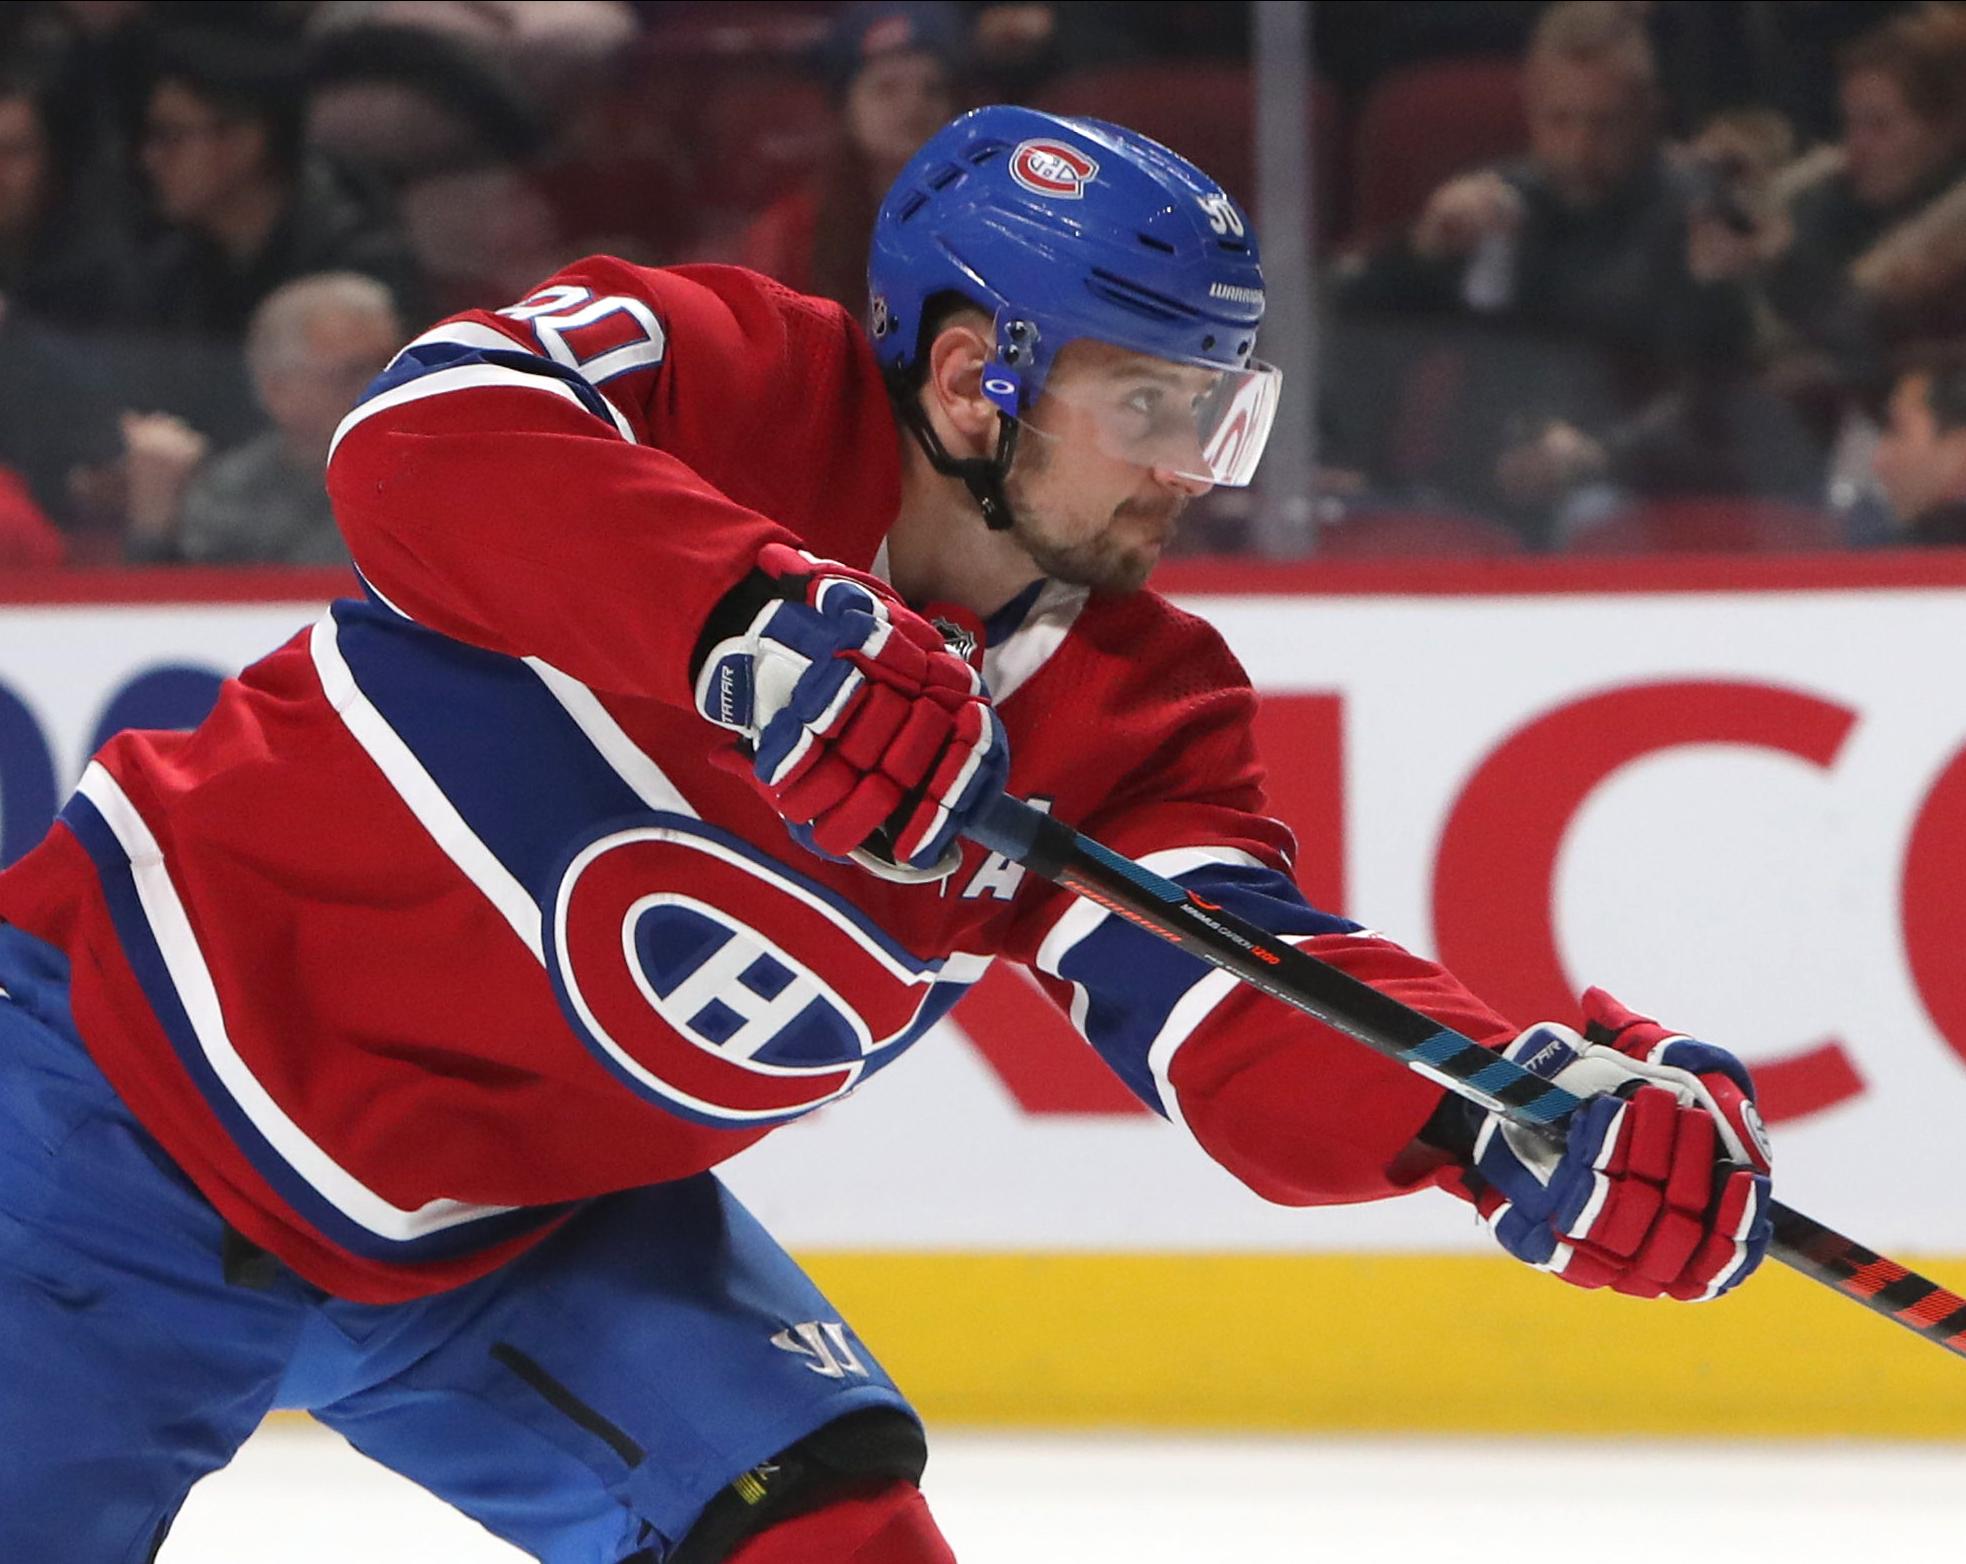 NHL: Dallas Stars at Montreal Canadiens